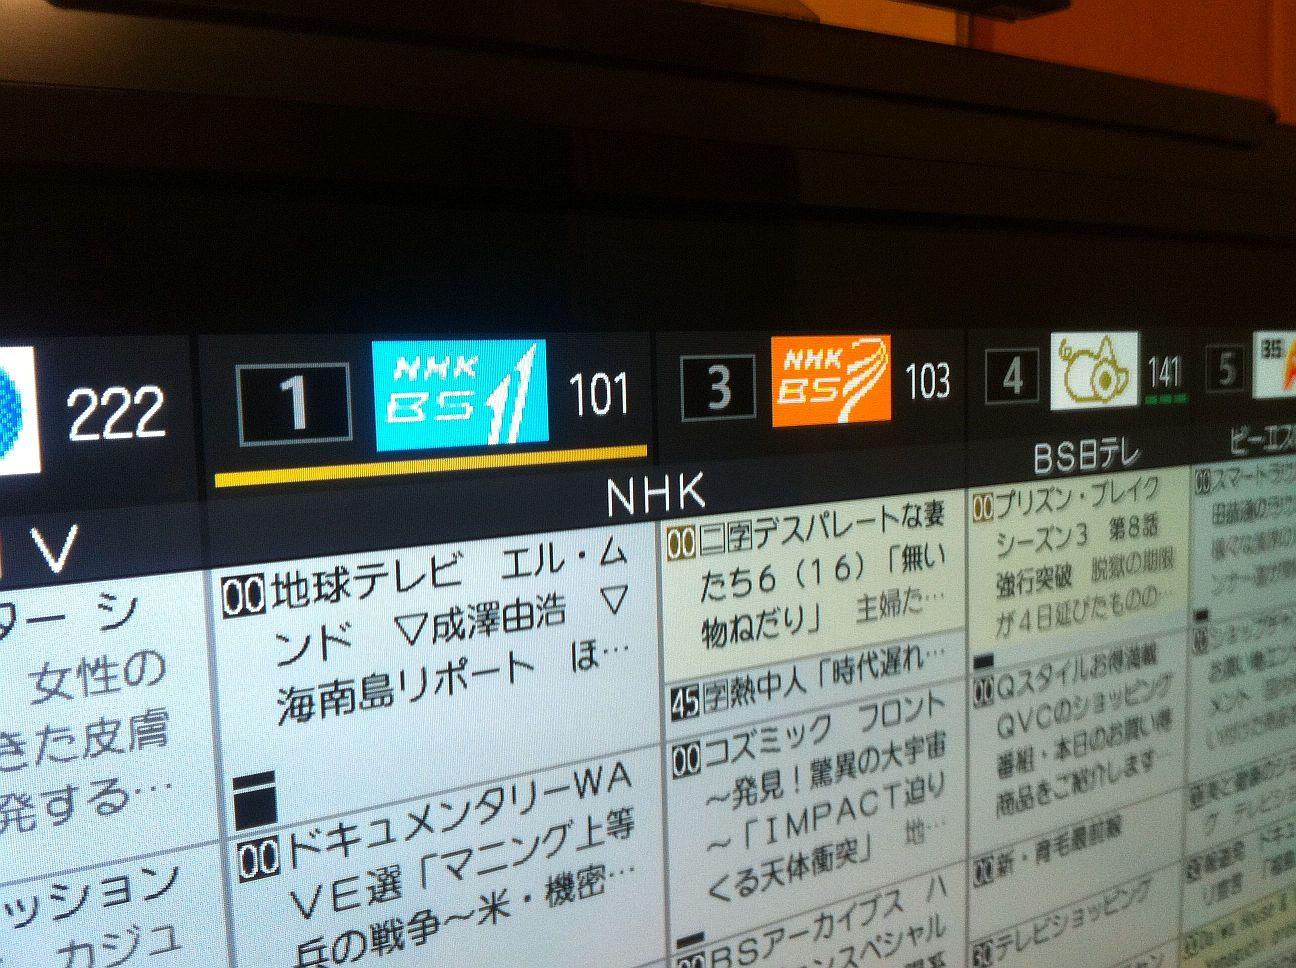 番組 表 bs nhk